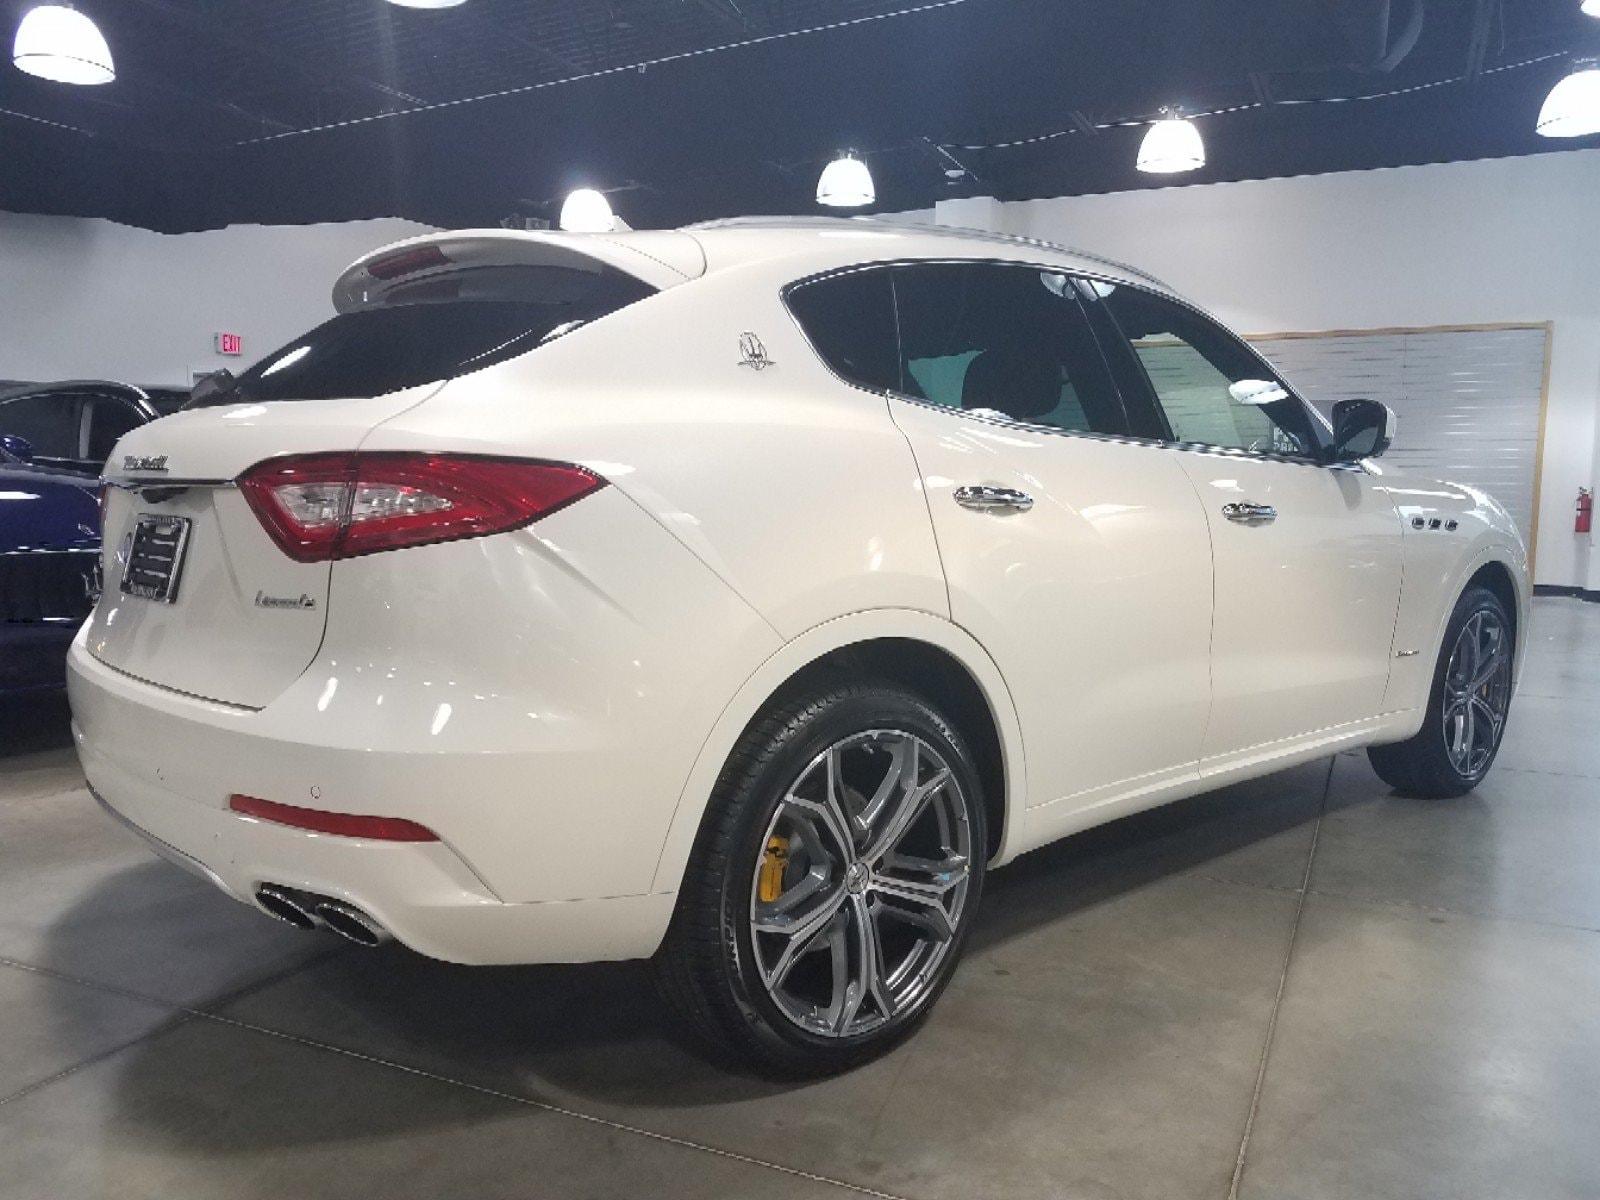 New 2019 Maserati Levante For Sale at Piazza Premium